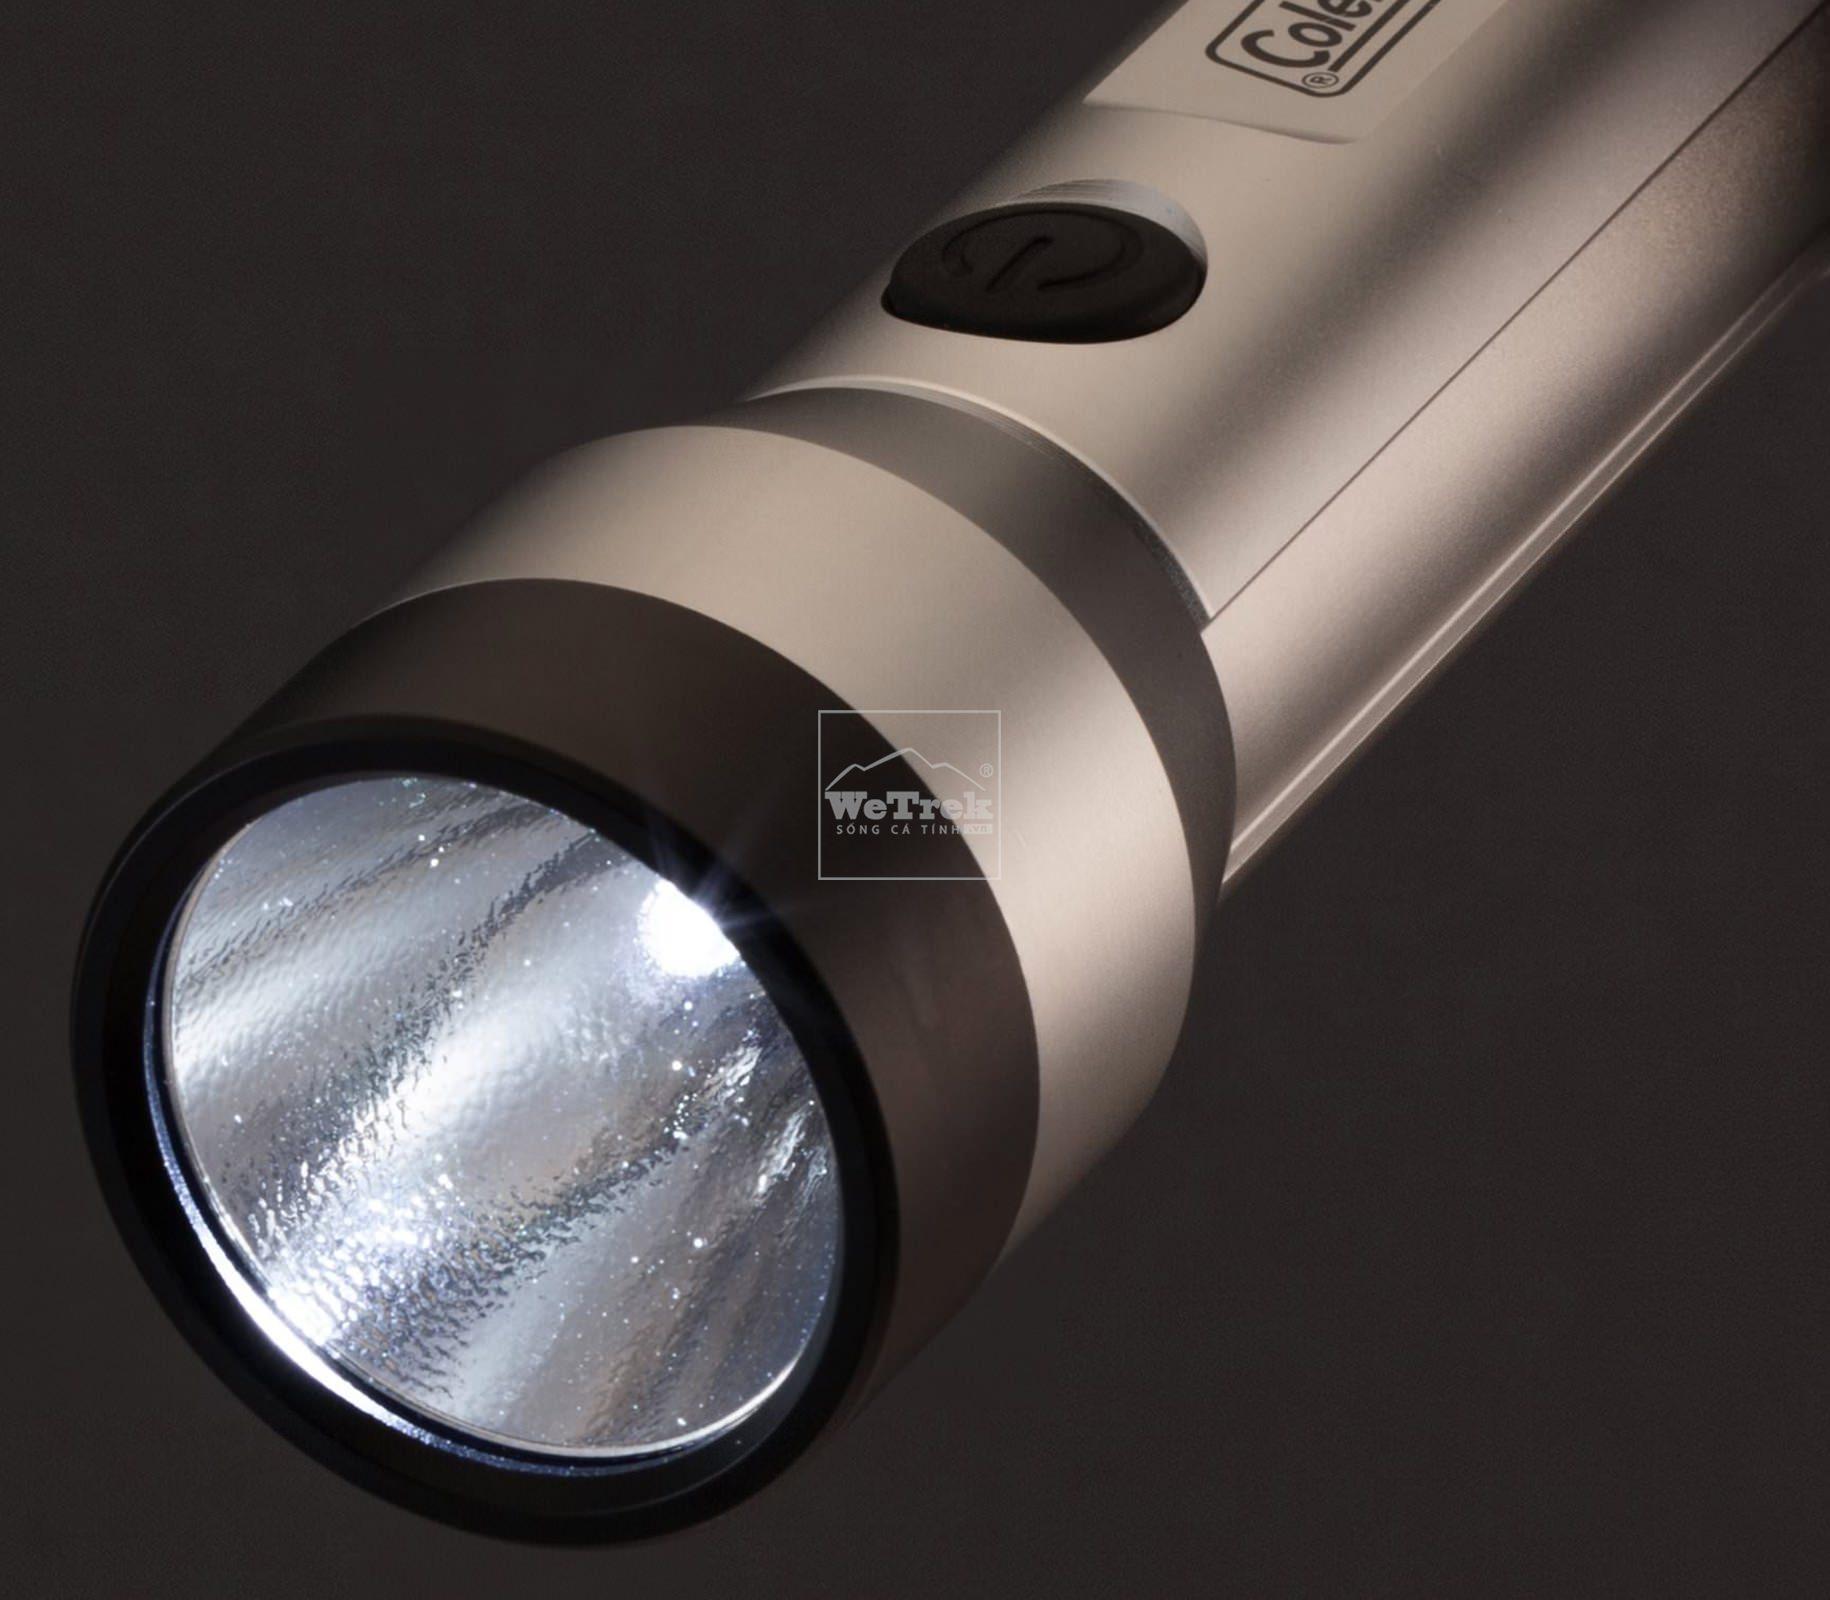 den-pin-coleman-batterylock-300-2000022290-5932-wetrek.vn-2